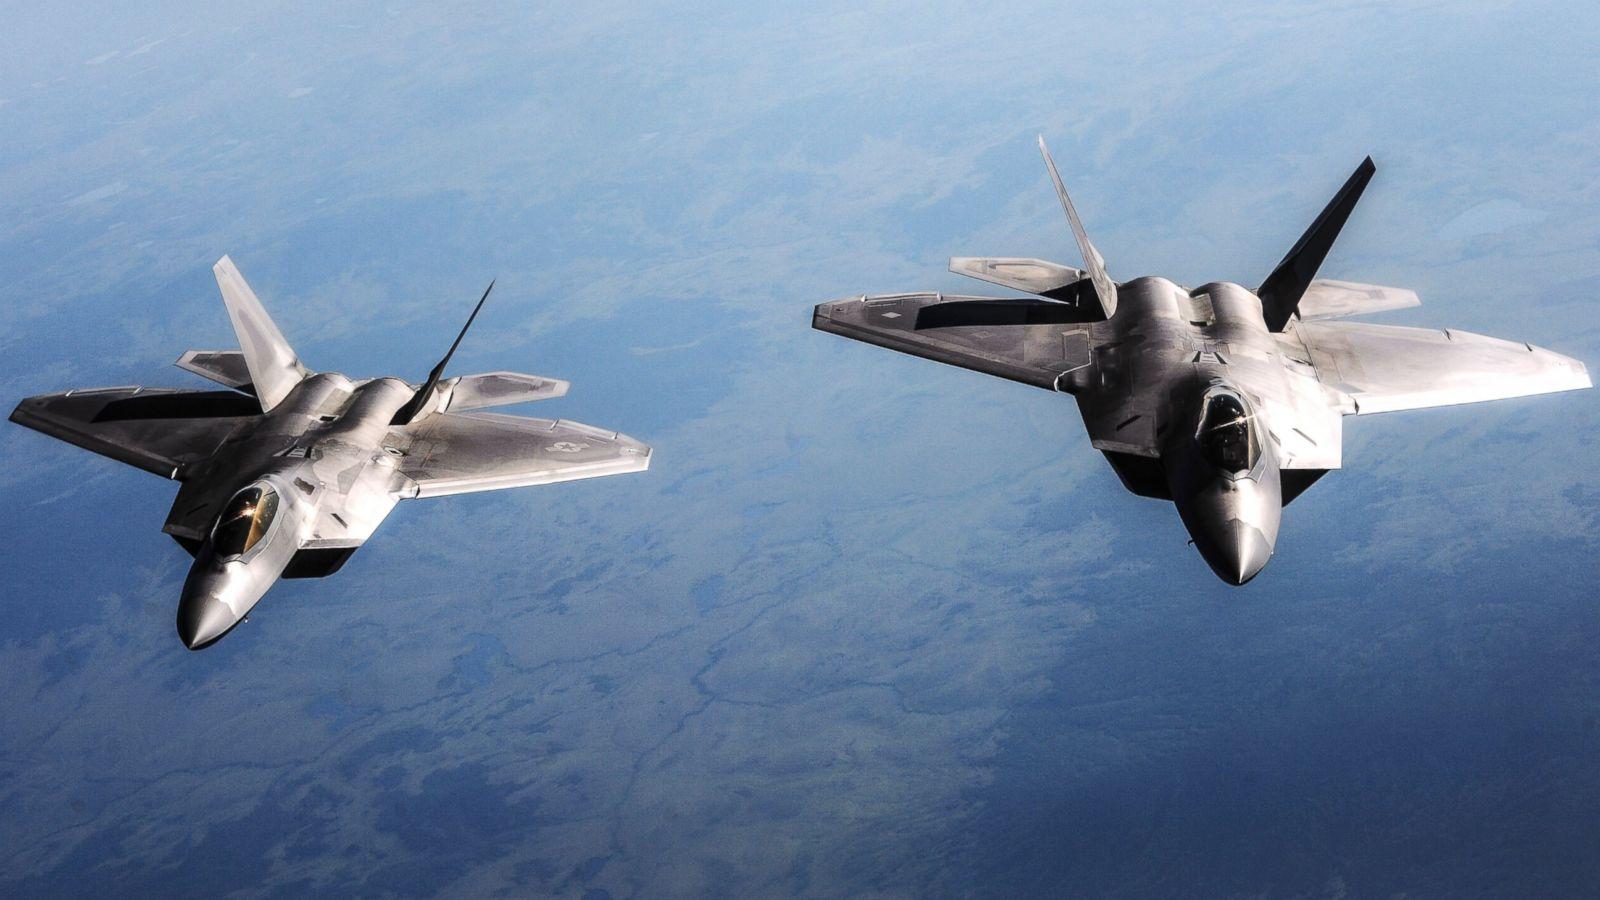 Us Uses 400m F 22 Raptor Jets In Syria Despite Not Needing Them